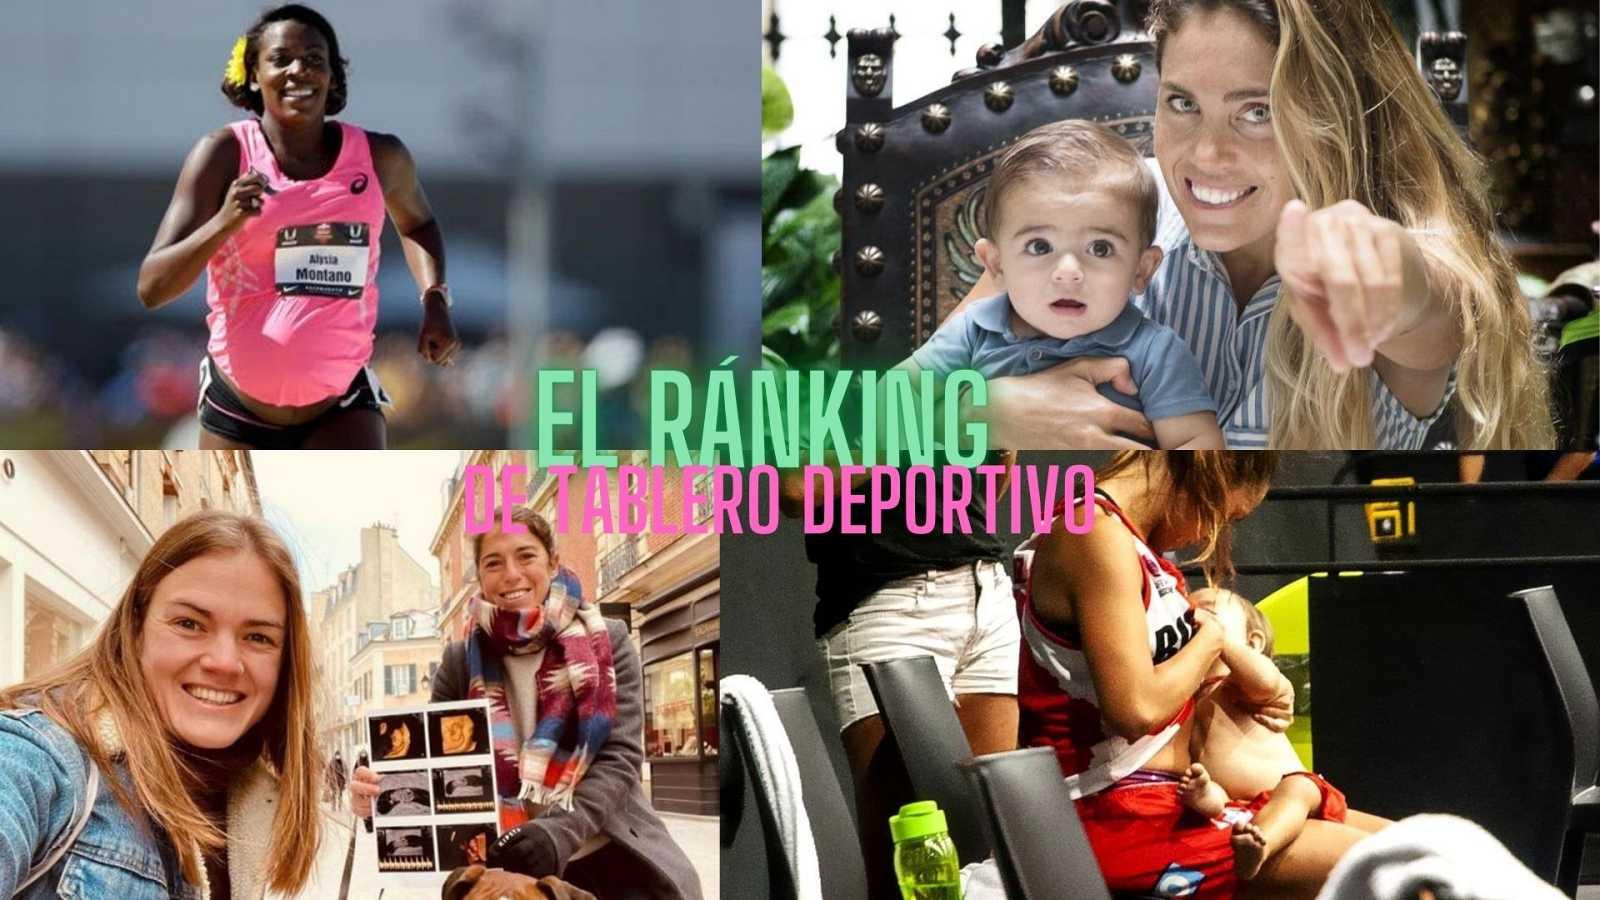 Tablero Deportivo - Ránking día de la madre: madres y deportistas - Escuchar ahora